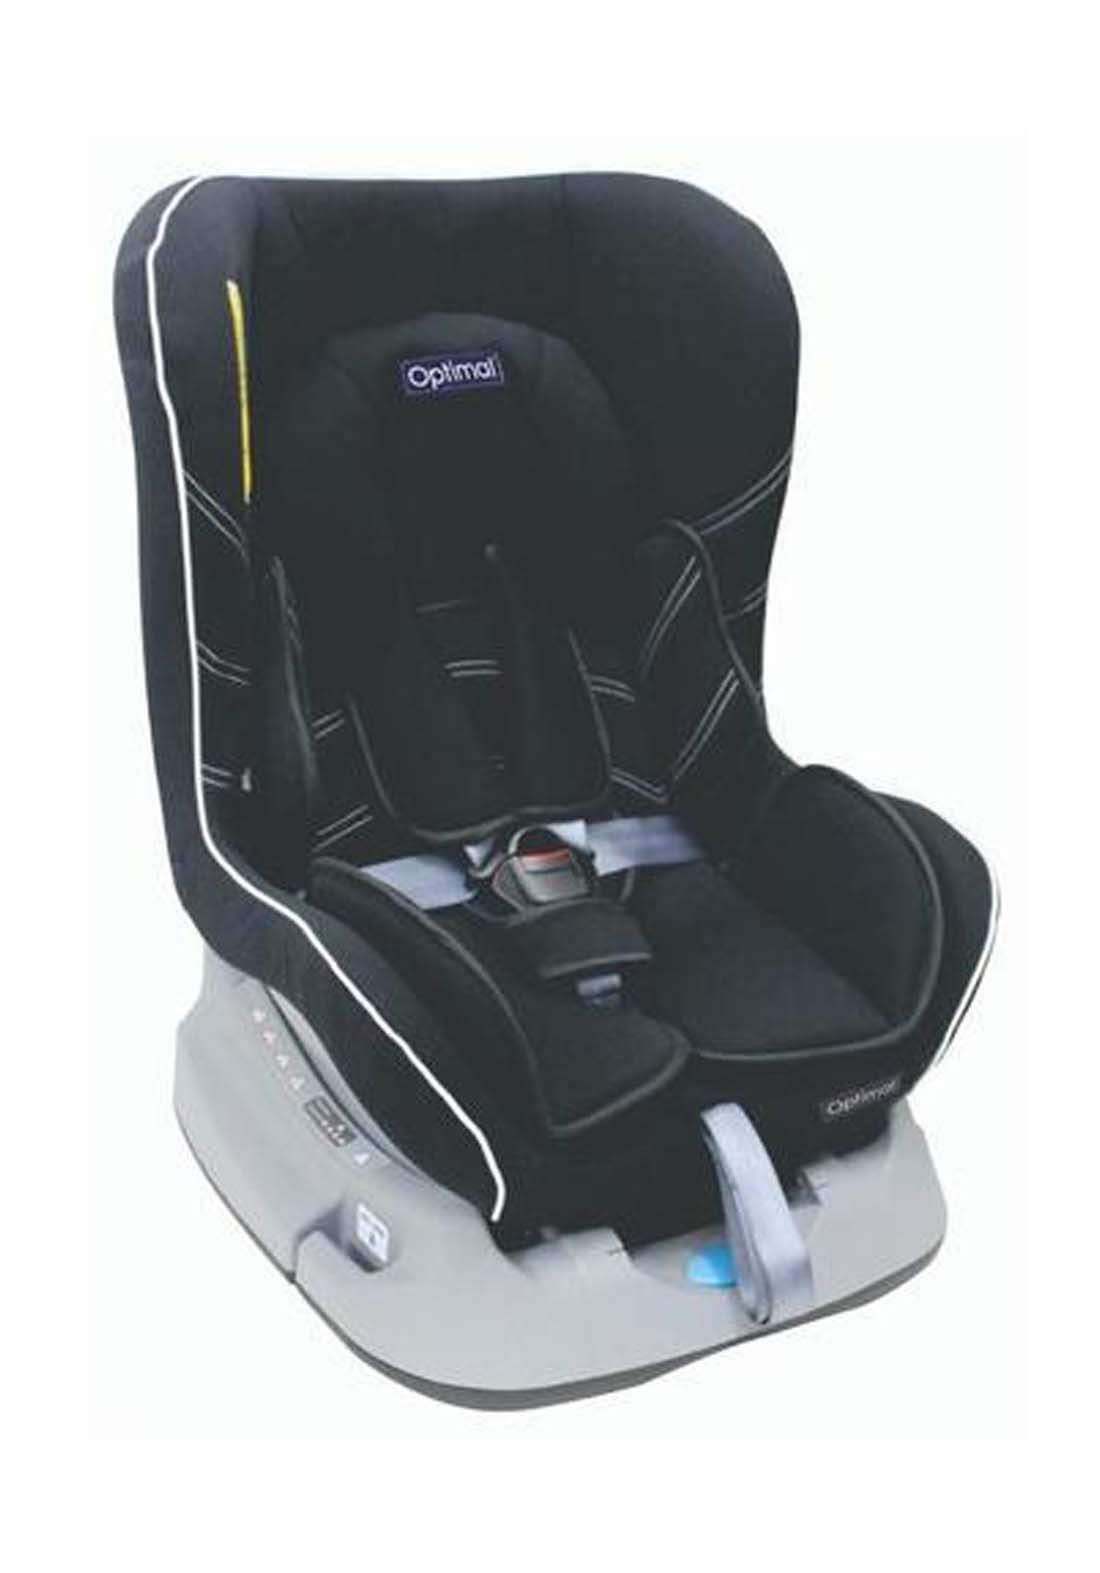 Optimal baby car seat group 0-1 كرسي أطفال